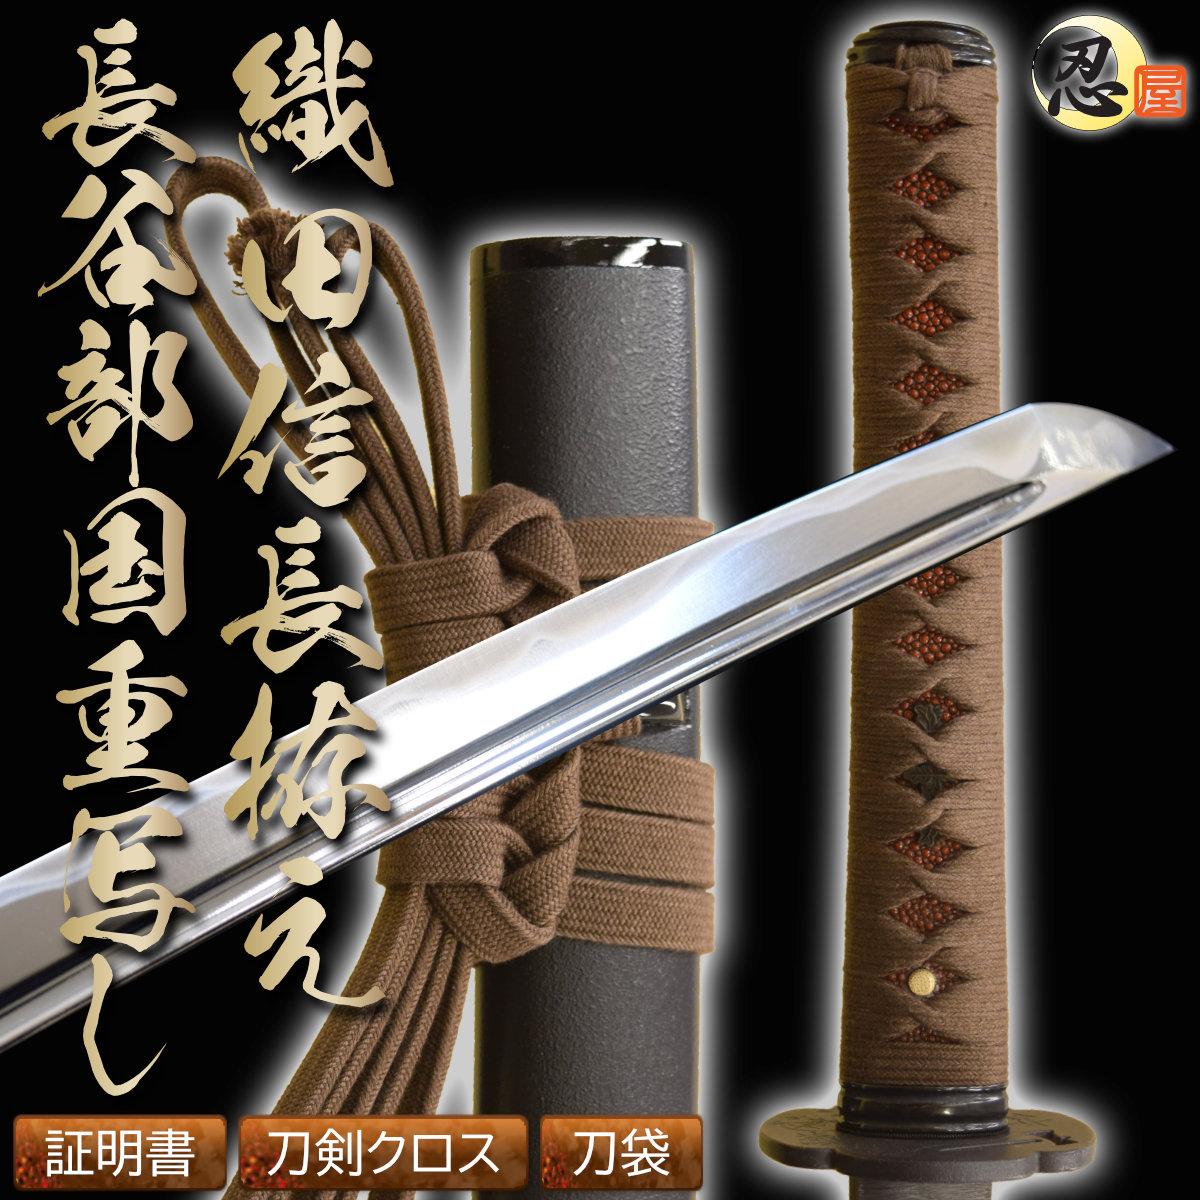 高級居合刀 織田信長の愛刀 長谷部国重写し(刀袋付き) 模擬刀剣証明書付き